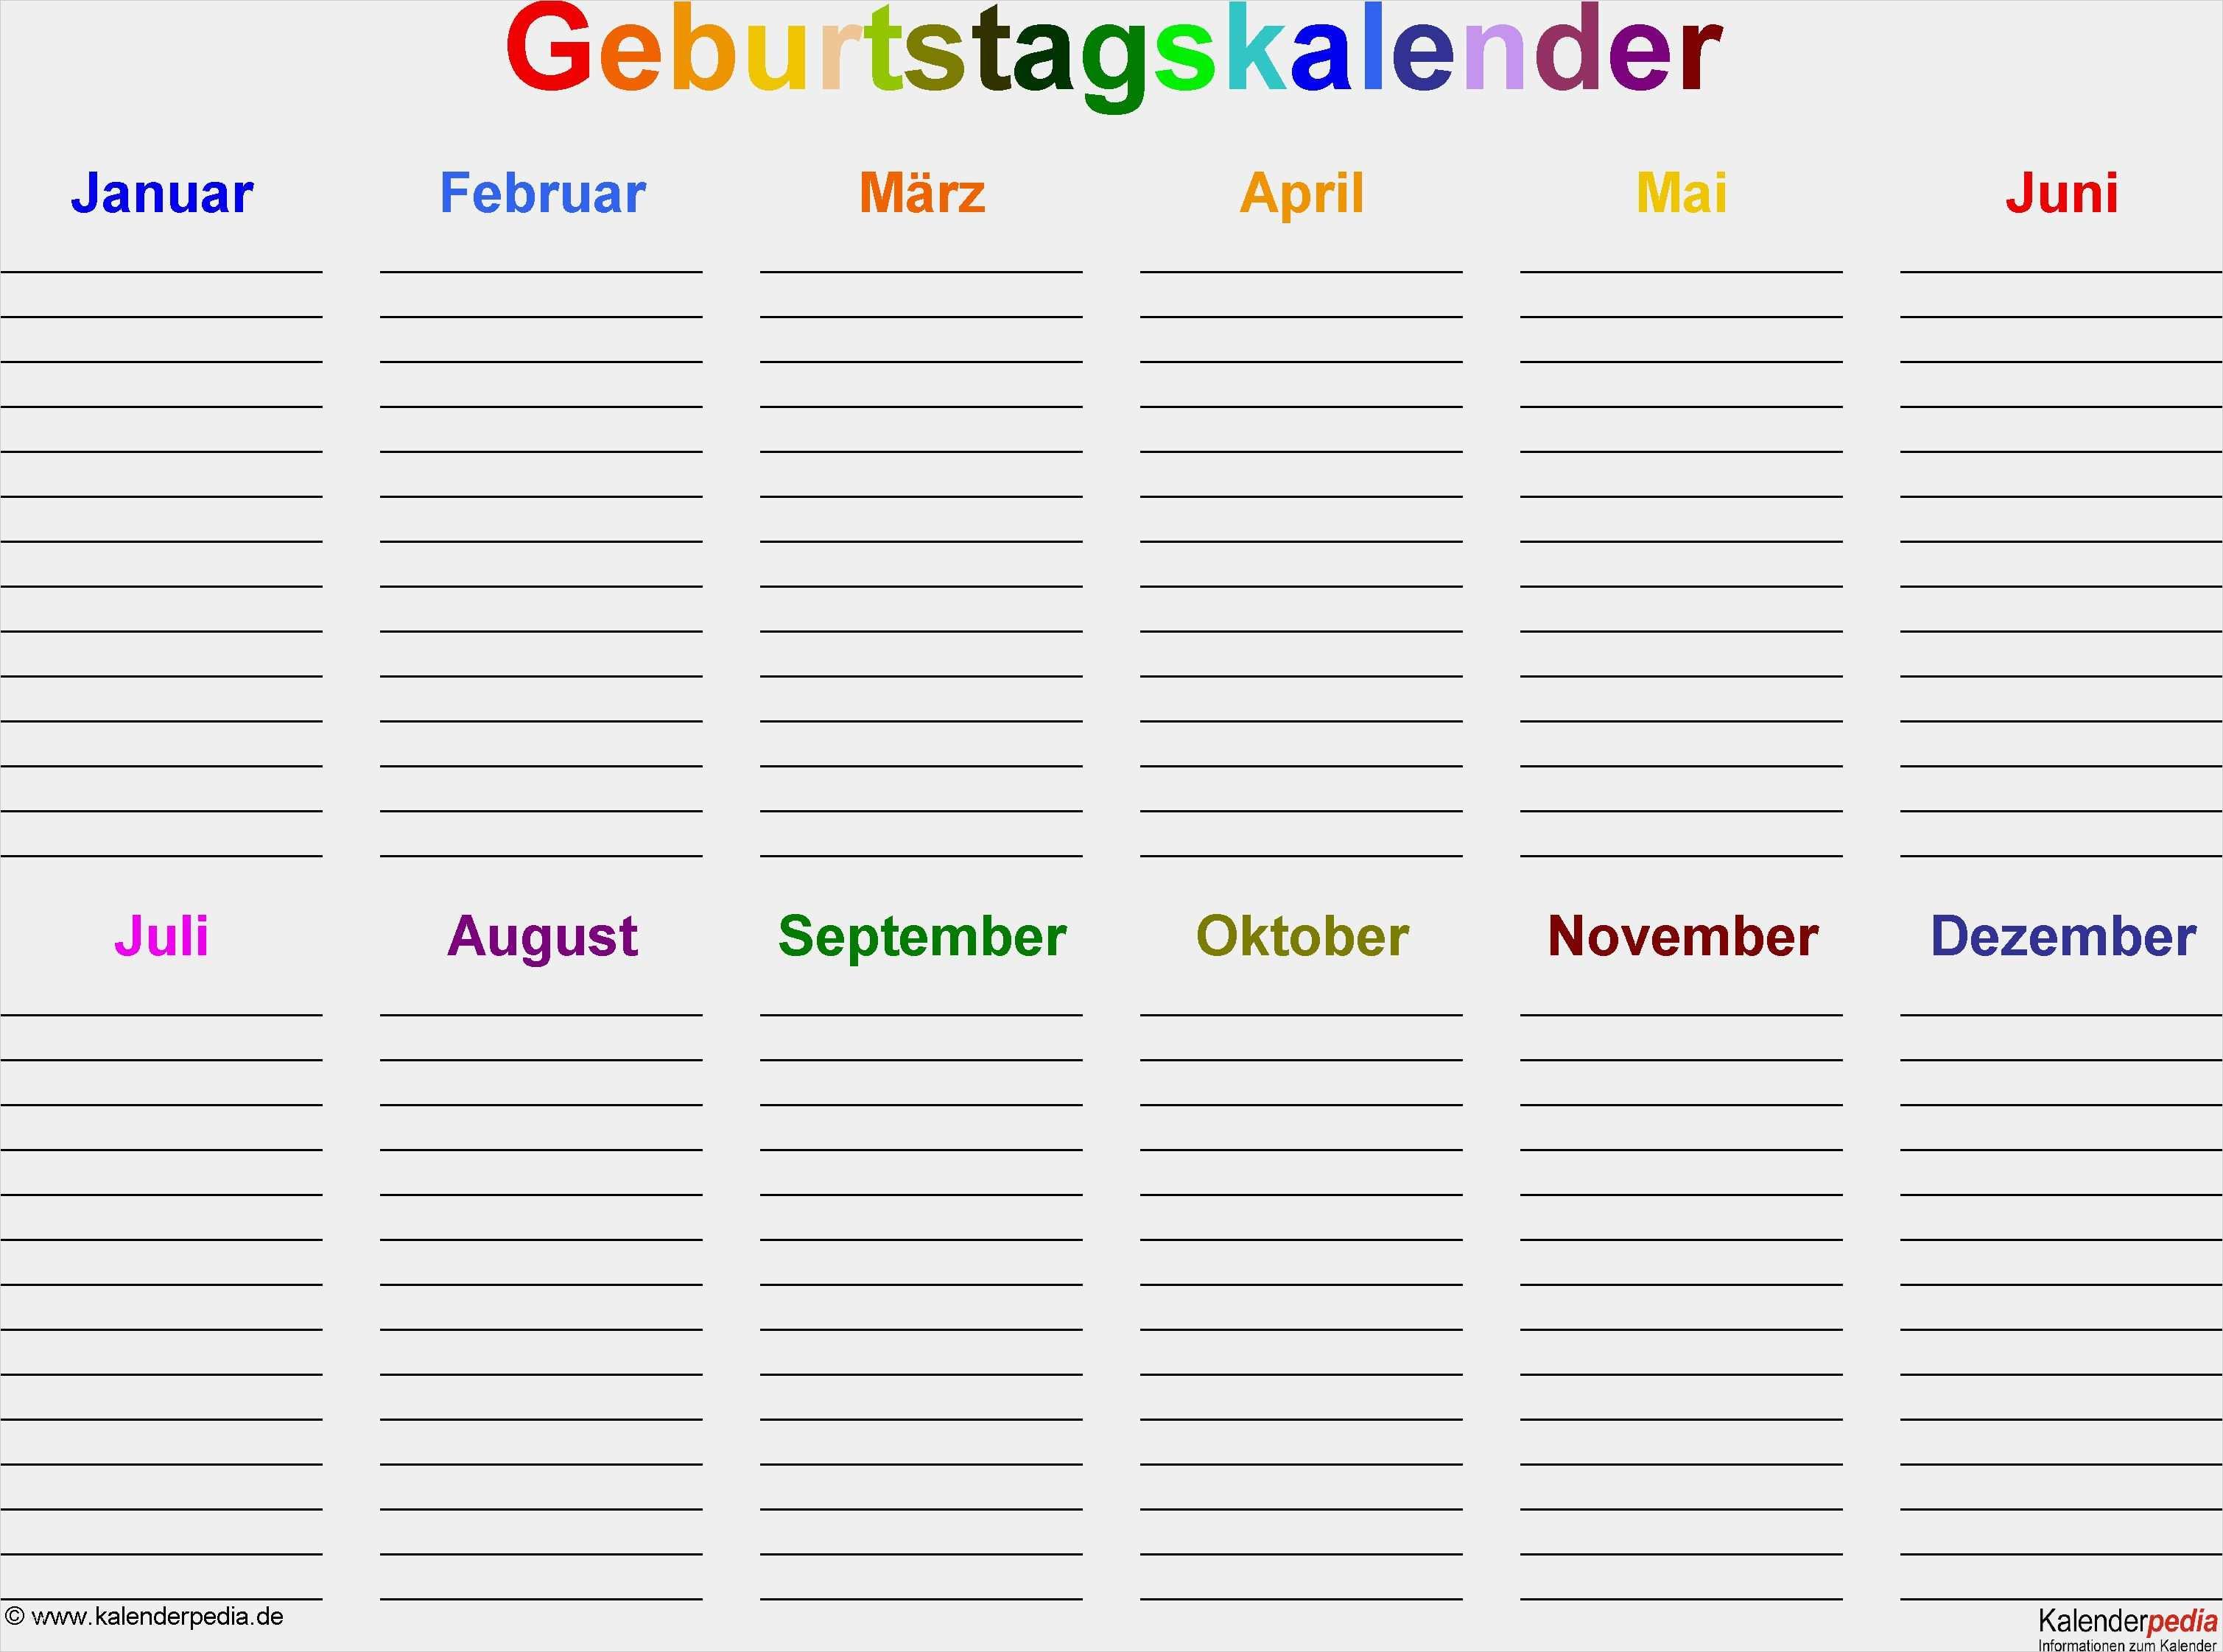 40 Genial Excel Monatskalender Vorlage Bilder Geburtstagskalender Familien Geburtstagskalender Kalender